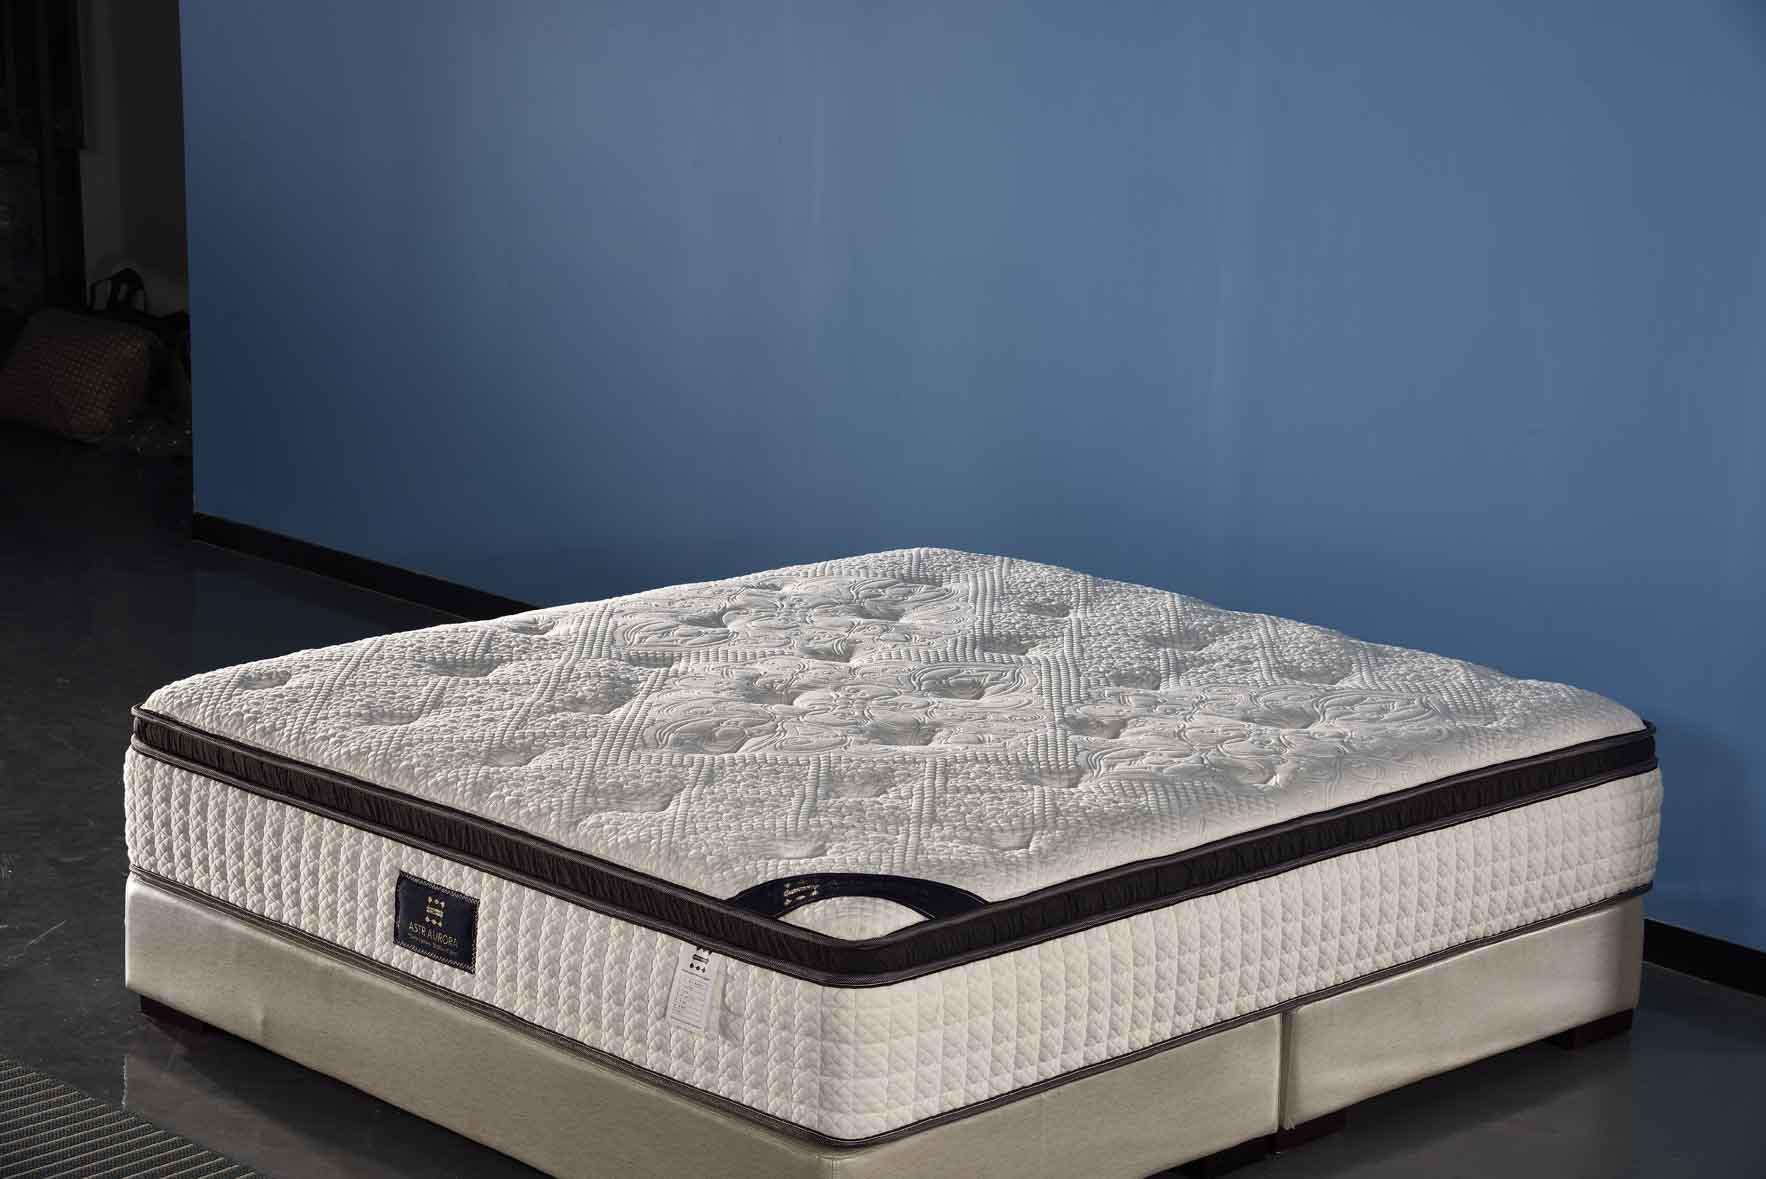 杭州天然乳胶床垫多少钱 欢迎咨询「苏州星夜家居科技供应」